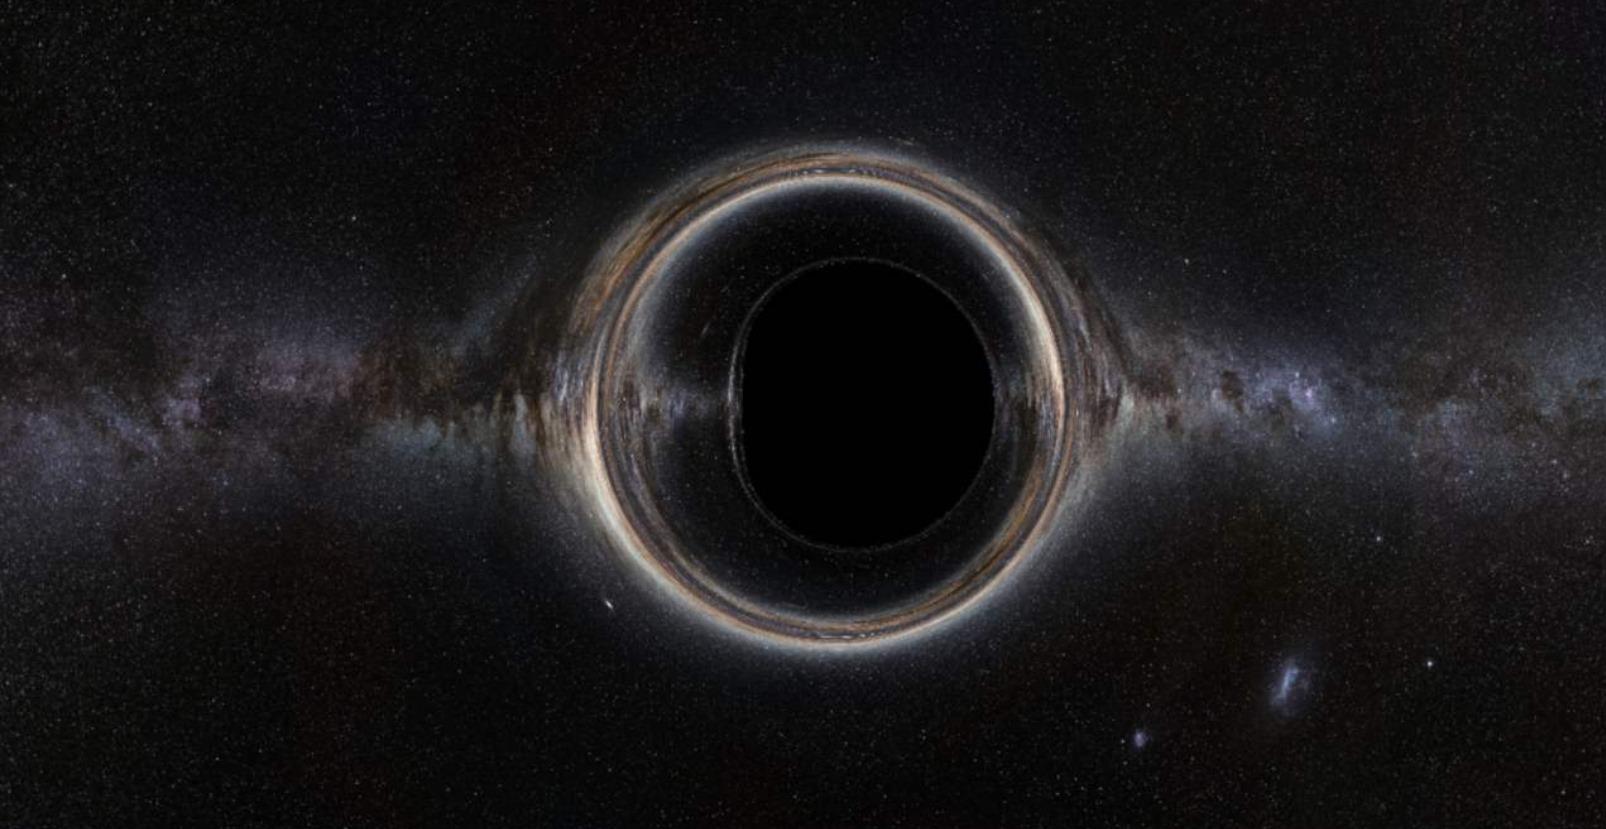 Czarne dziury, czyli oNagrodzie Nobla AD 2020 @ Online